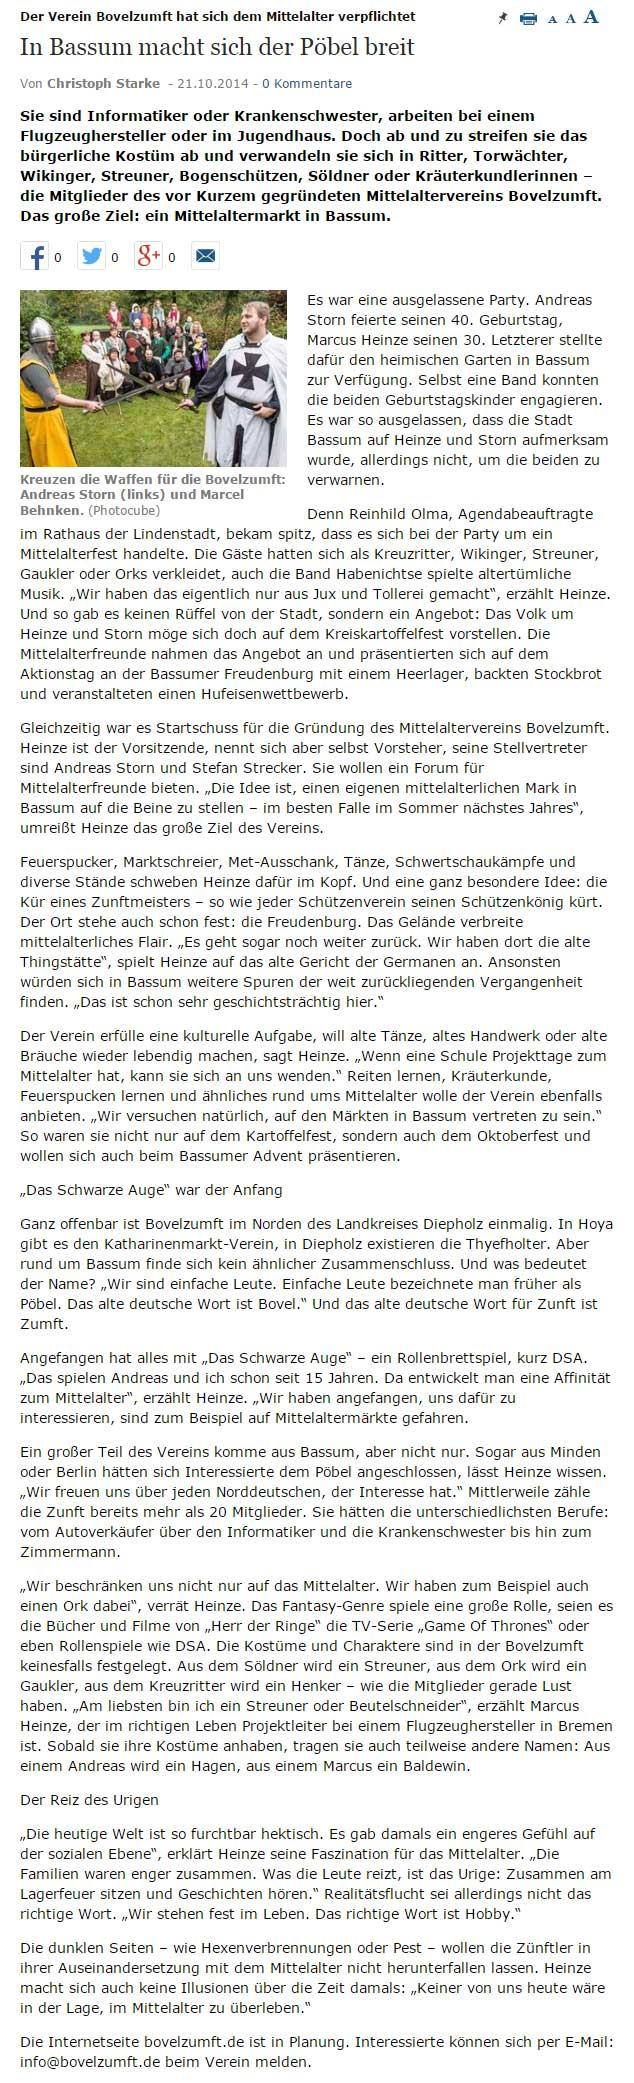 2014.10.21_Weser-Kurier